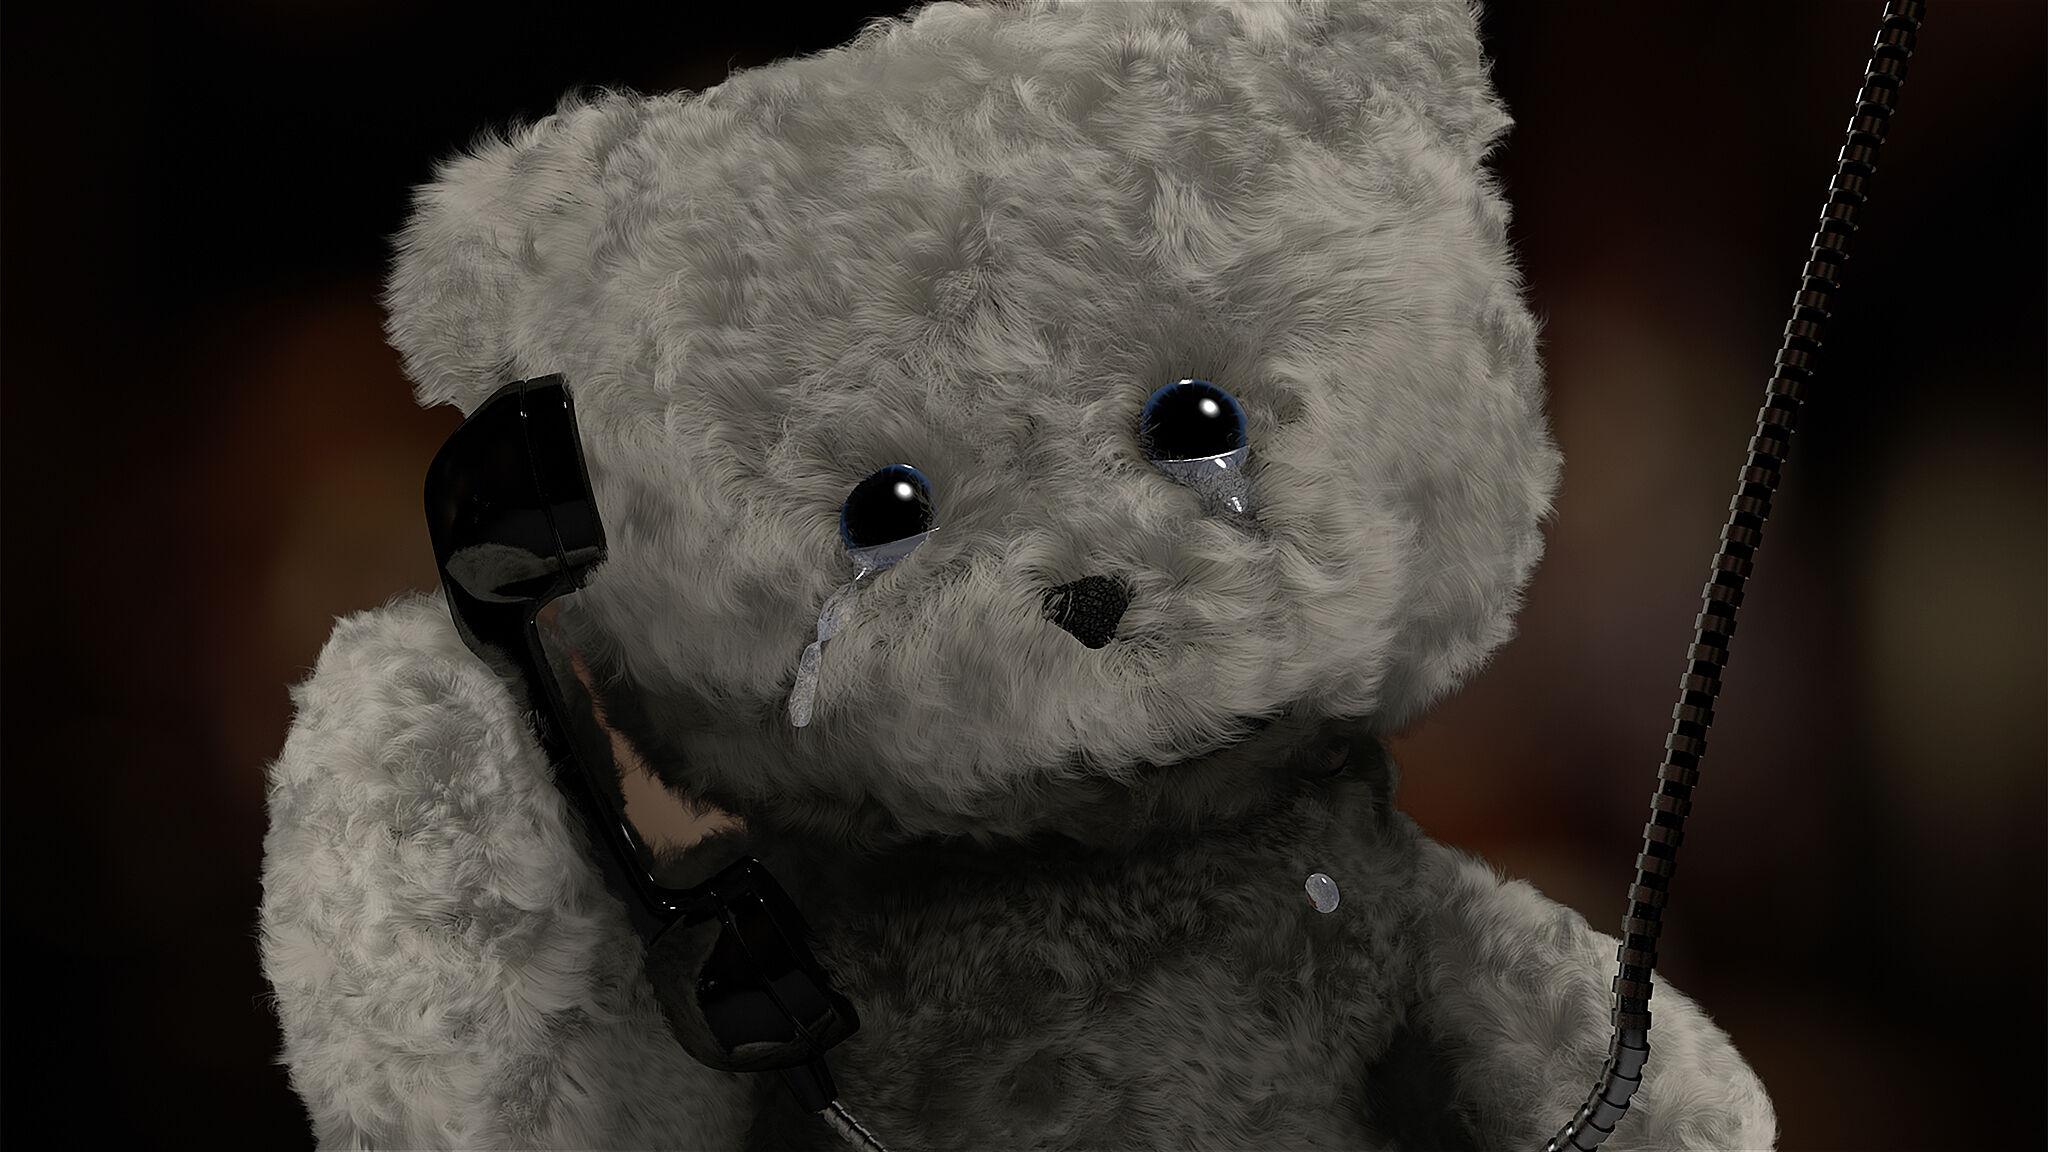 Film still of a bear crying.